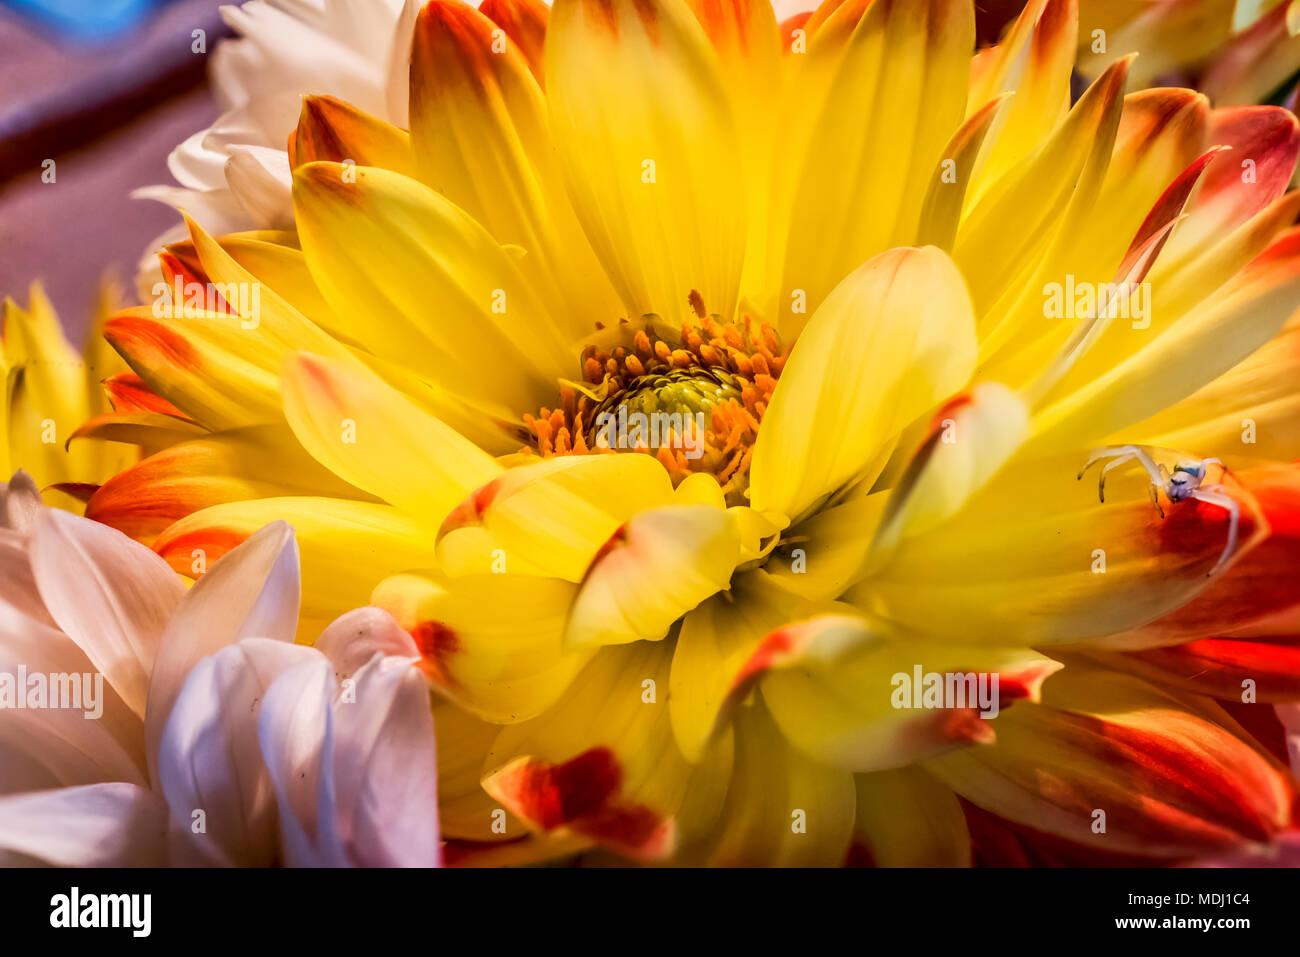 c59fd05471fd Amarillo y rojo dalia flor con una araña blanca en un pétalo  Estados  Unidos de